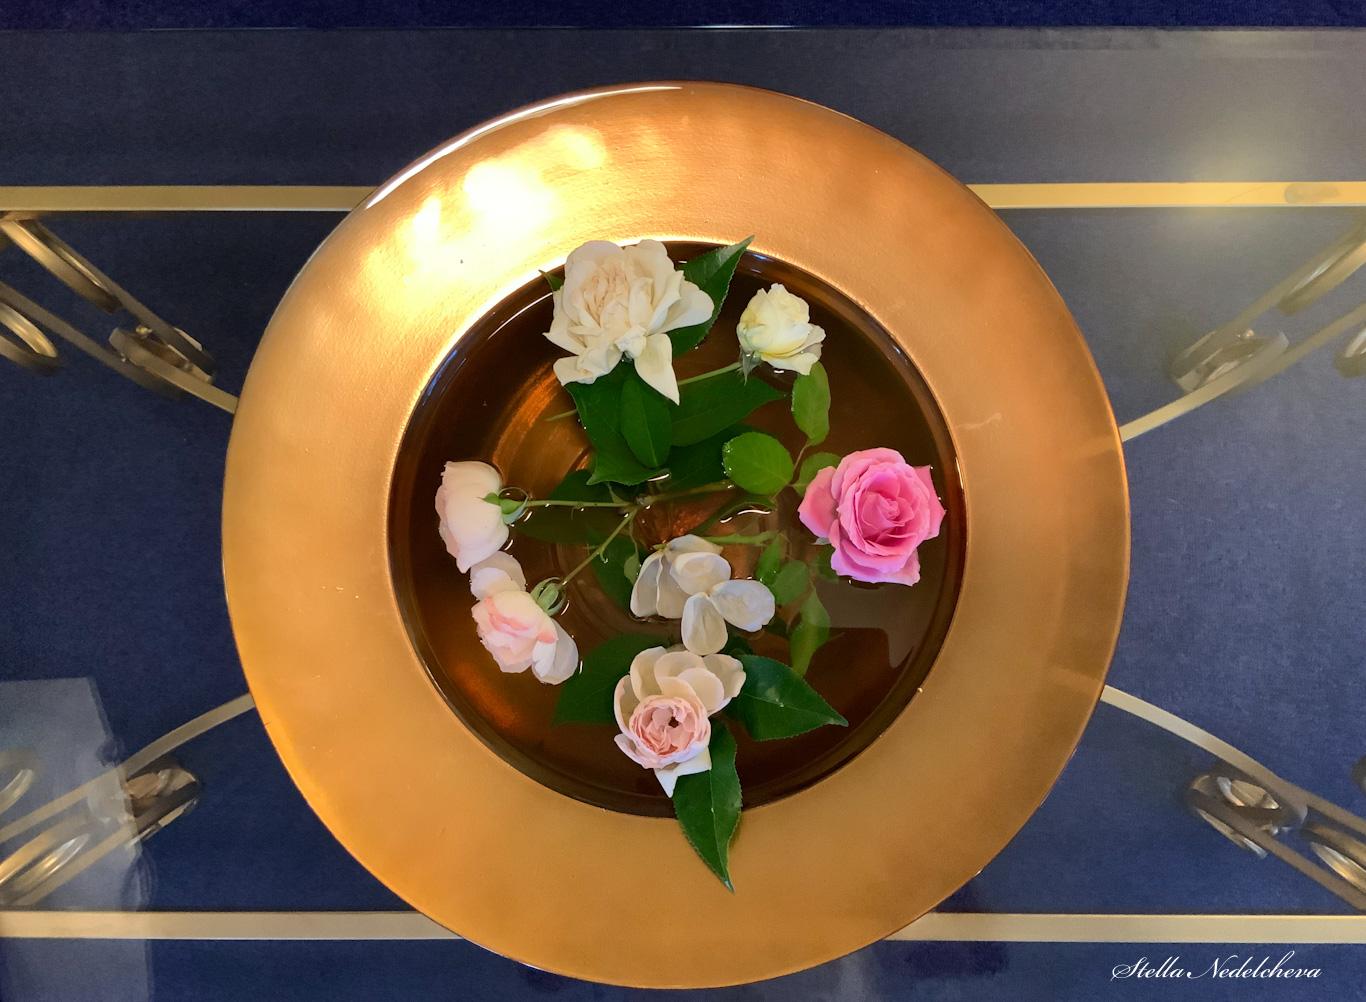 Décoration avec des fleurs dans l'eau